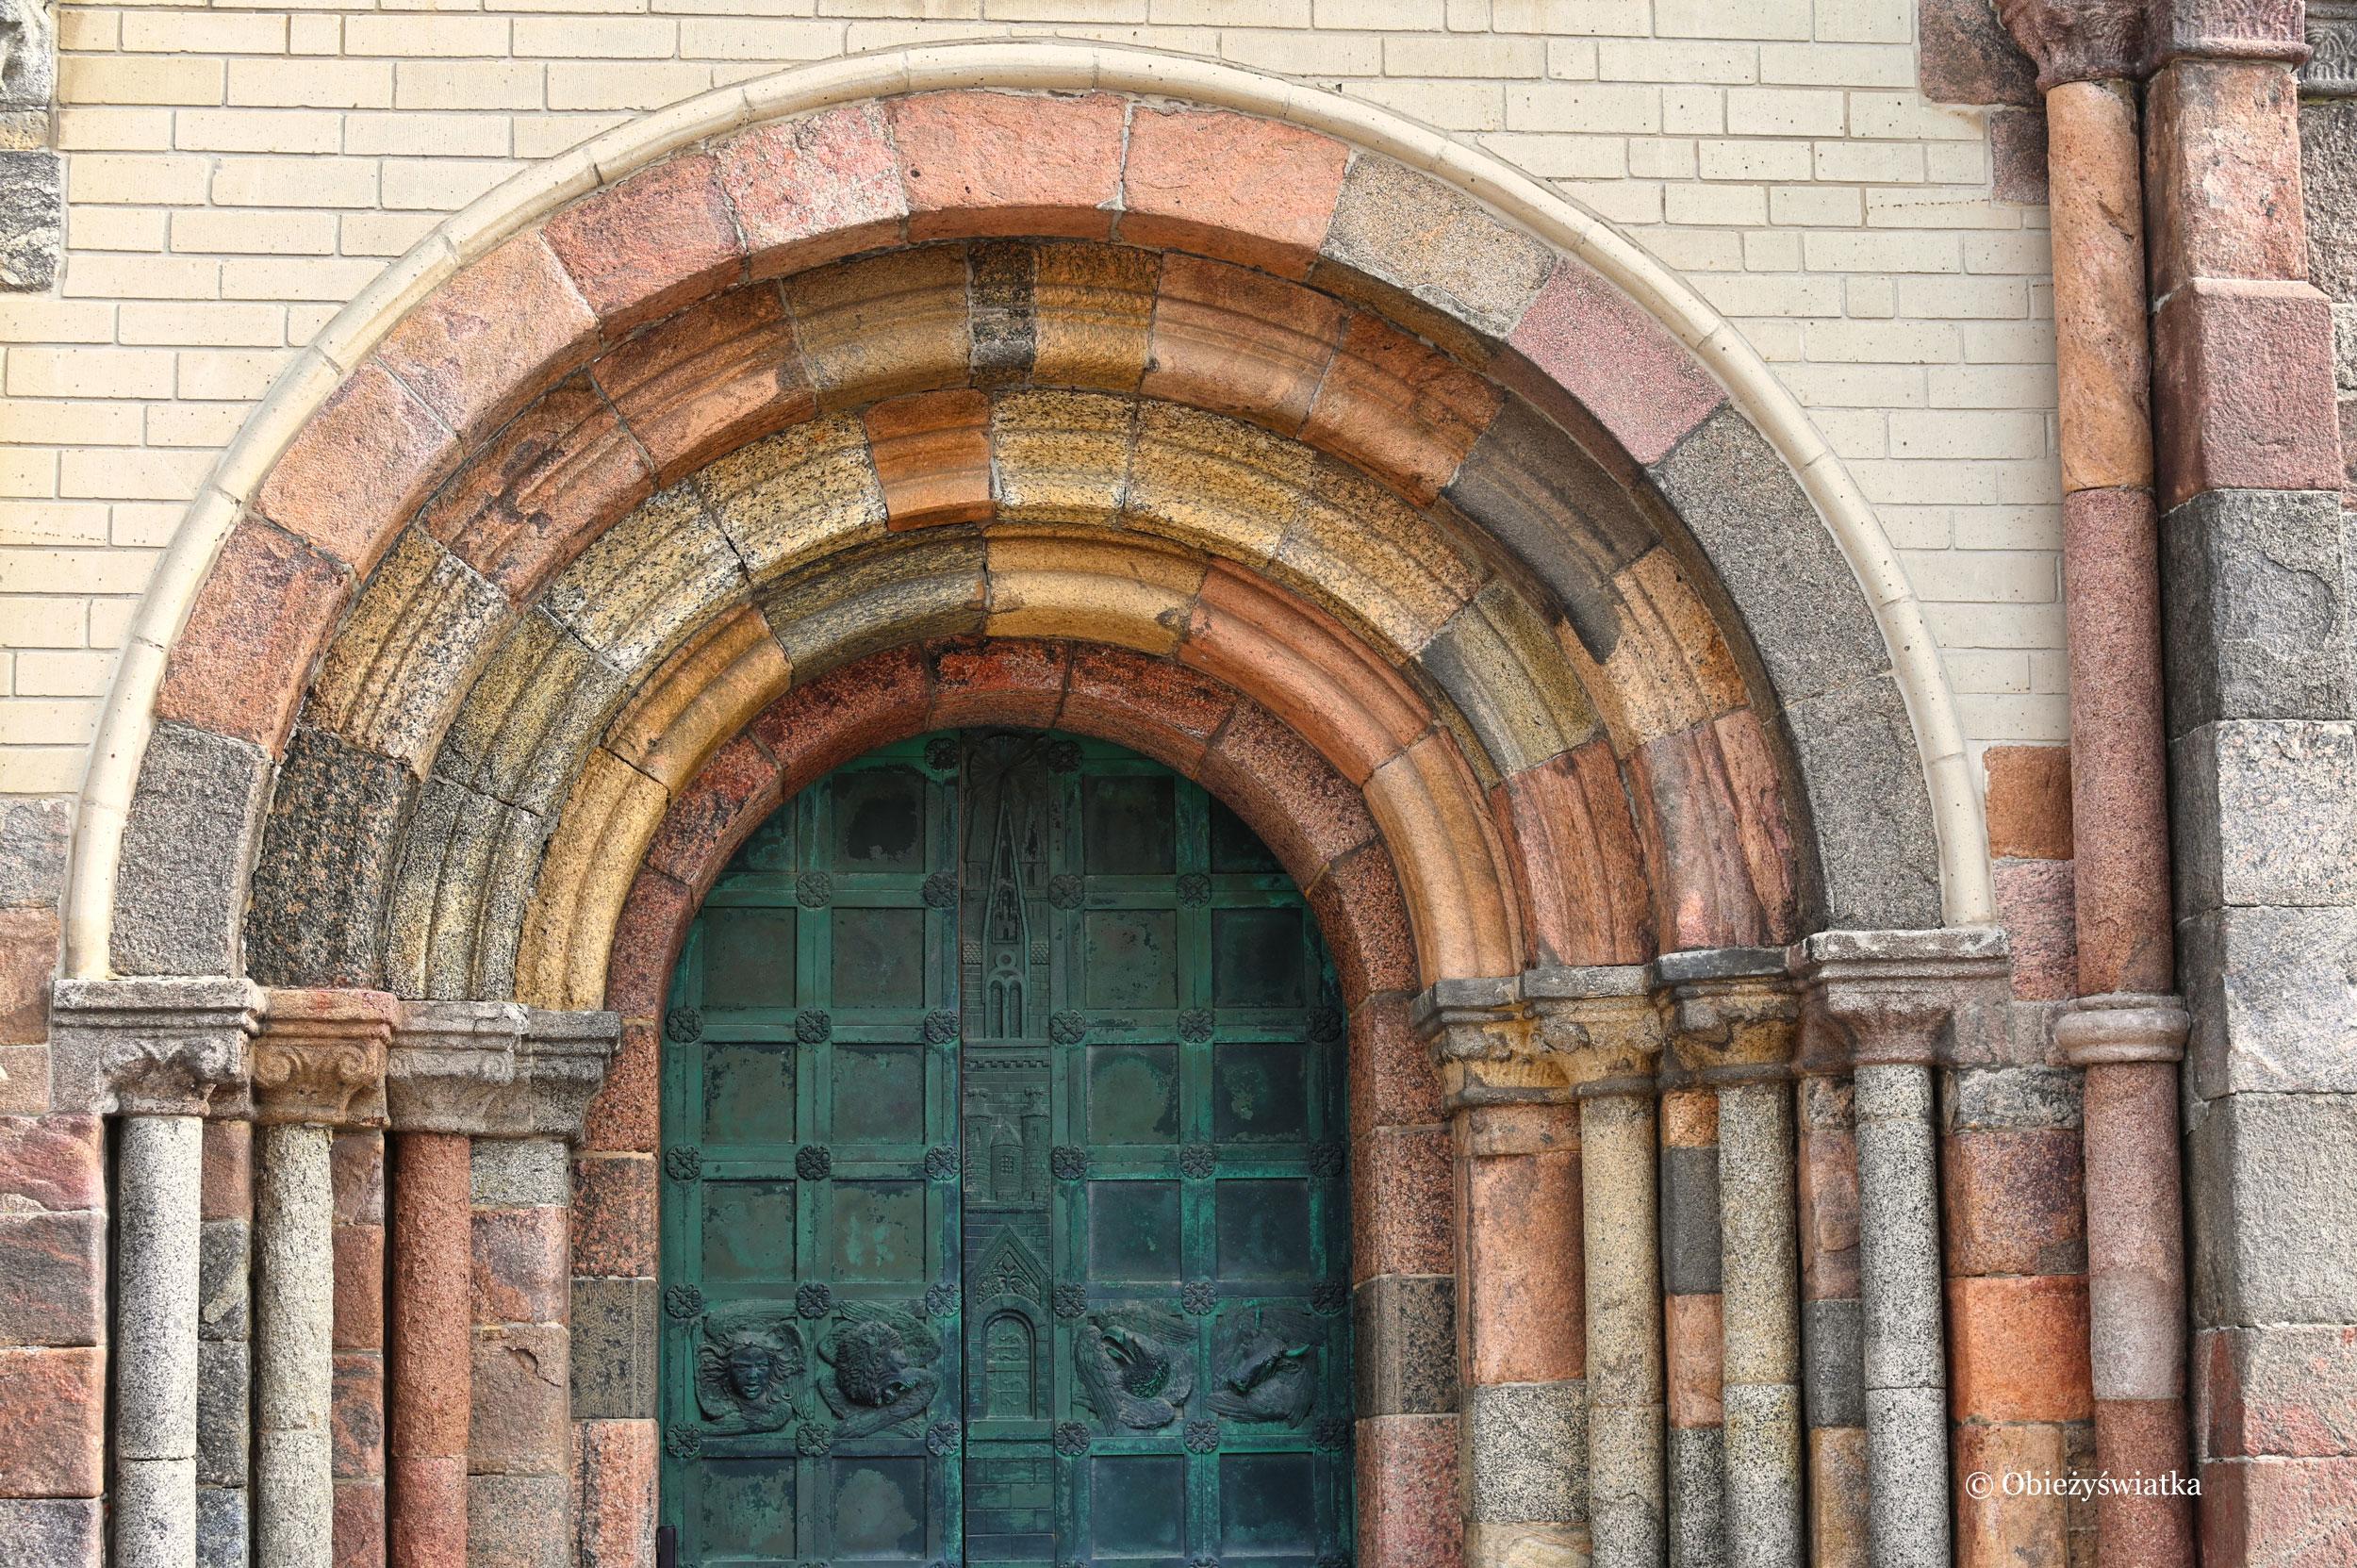 Zachodni portal katedry w stylu romańskim, Ribe, Dania